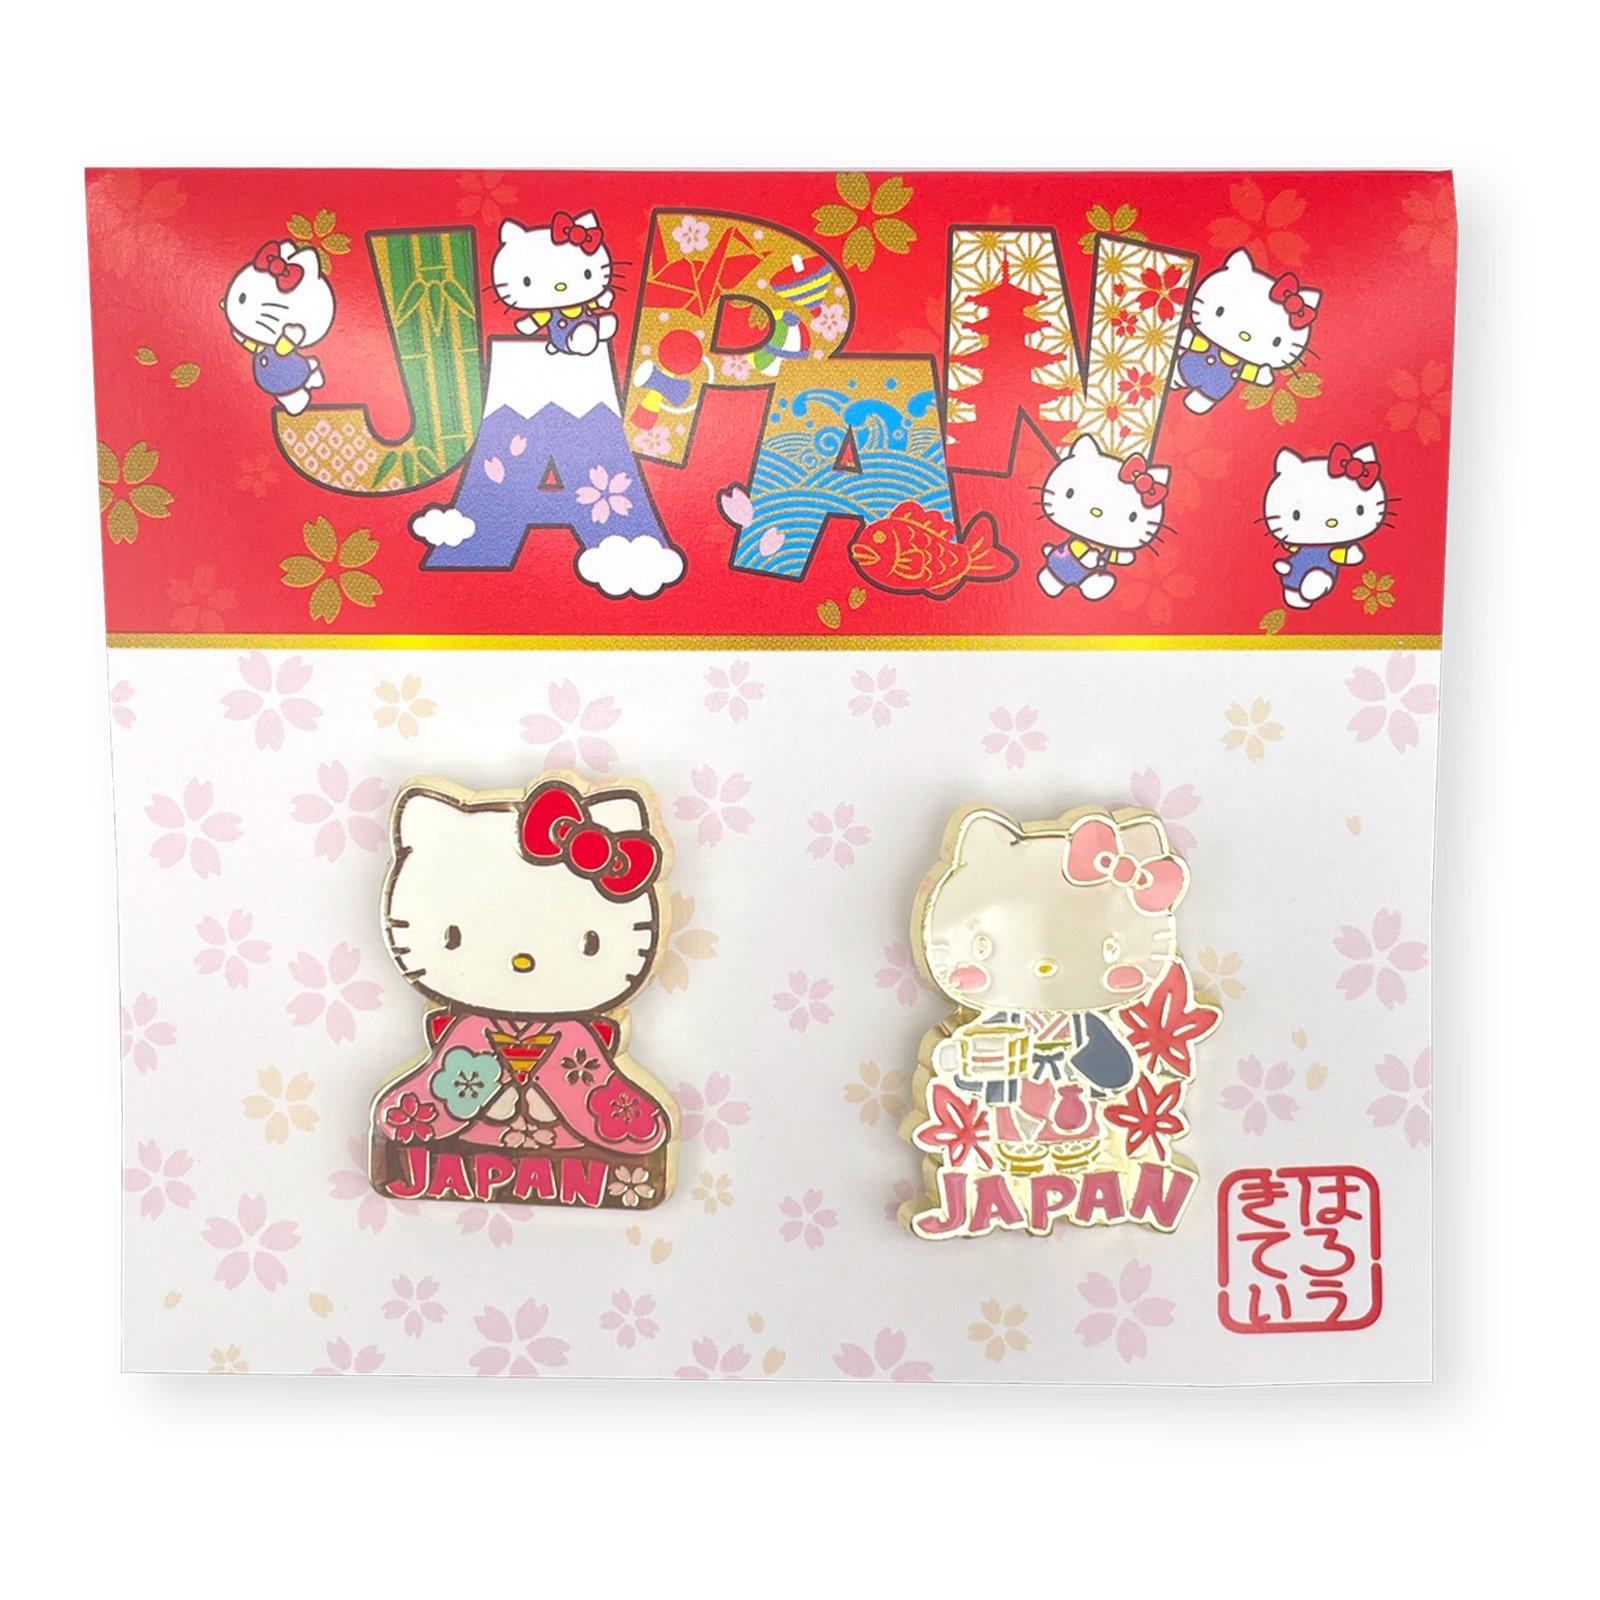 JAPAN×ハローキティ ピンズ2Pセット・着物×温泉